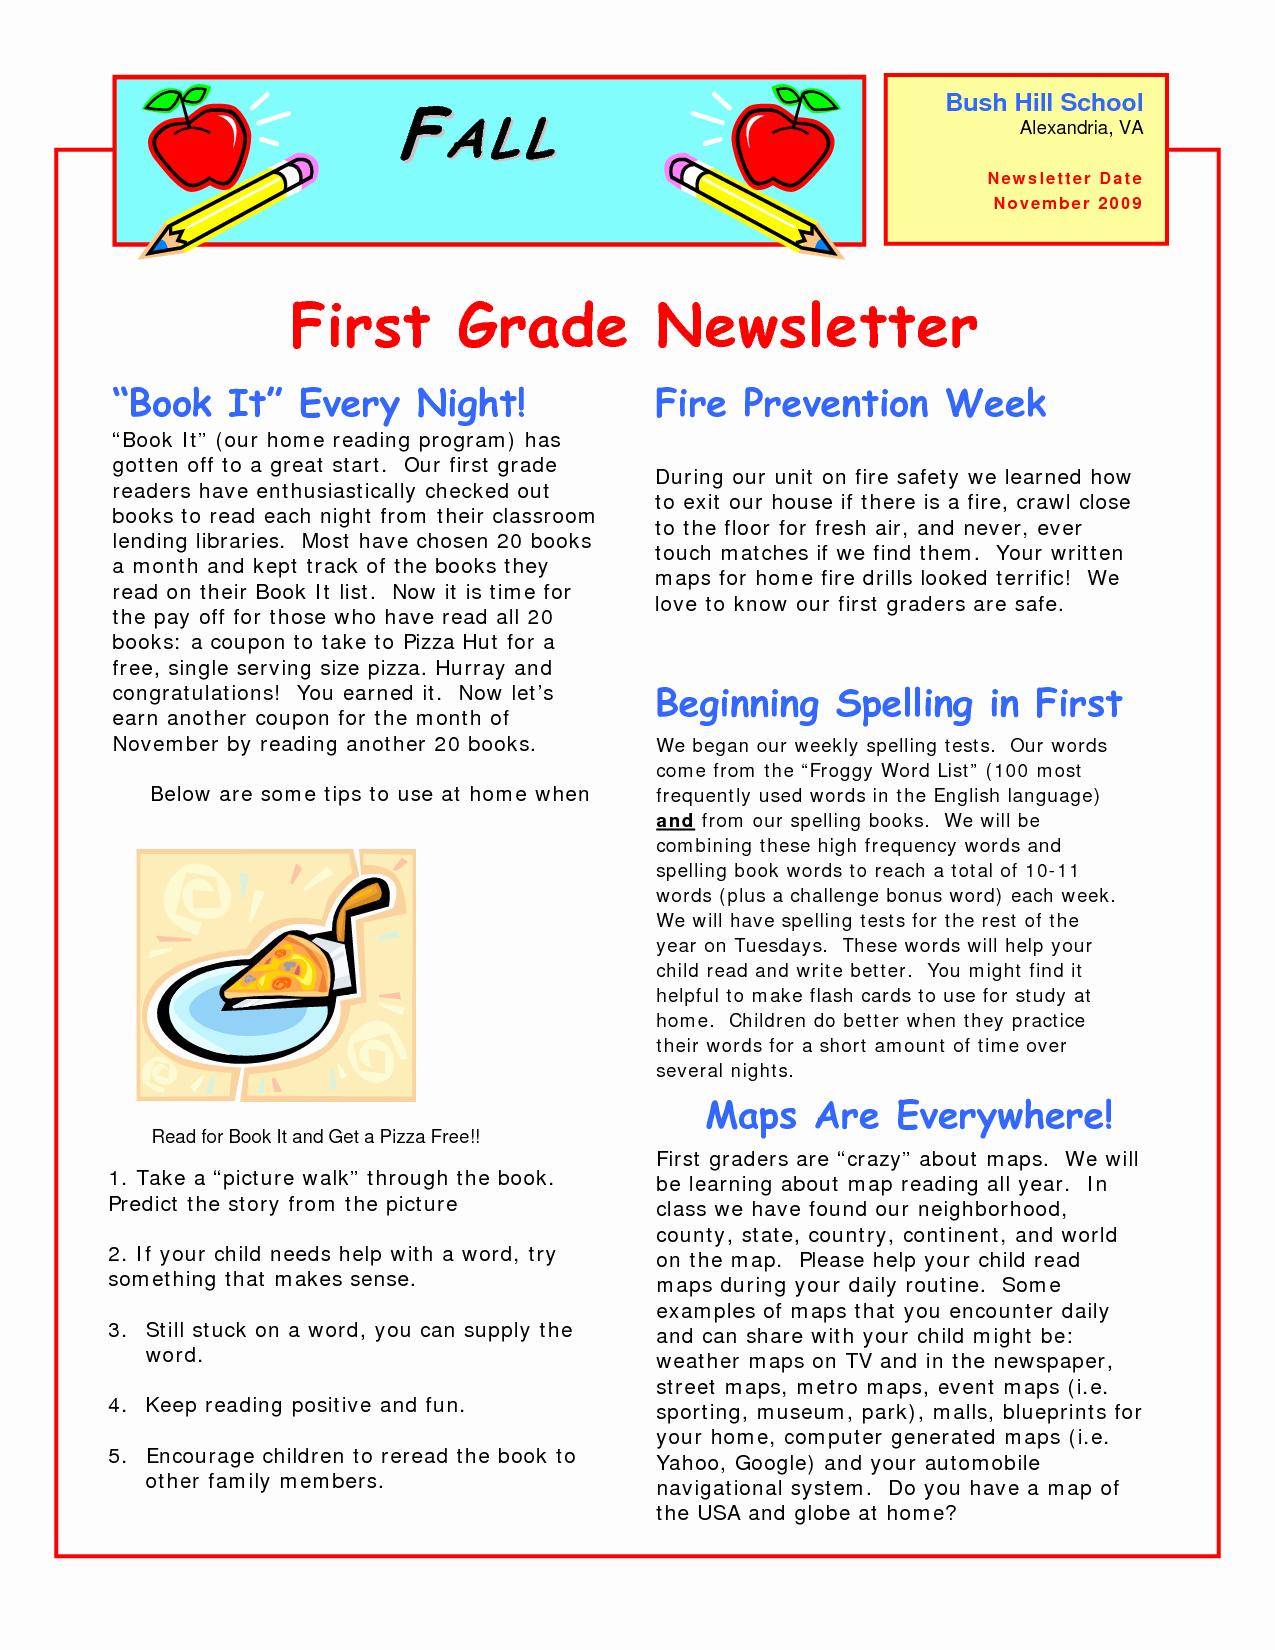 First Grade Newsletter Template Fresh Best S Of Newsletter Examples Grade 1 Classroom